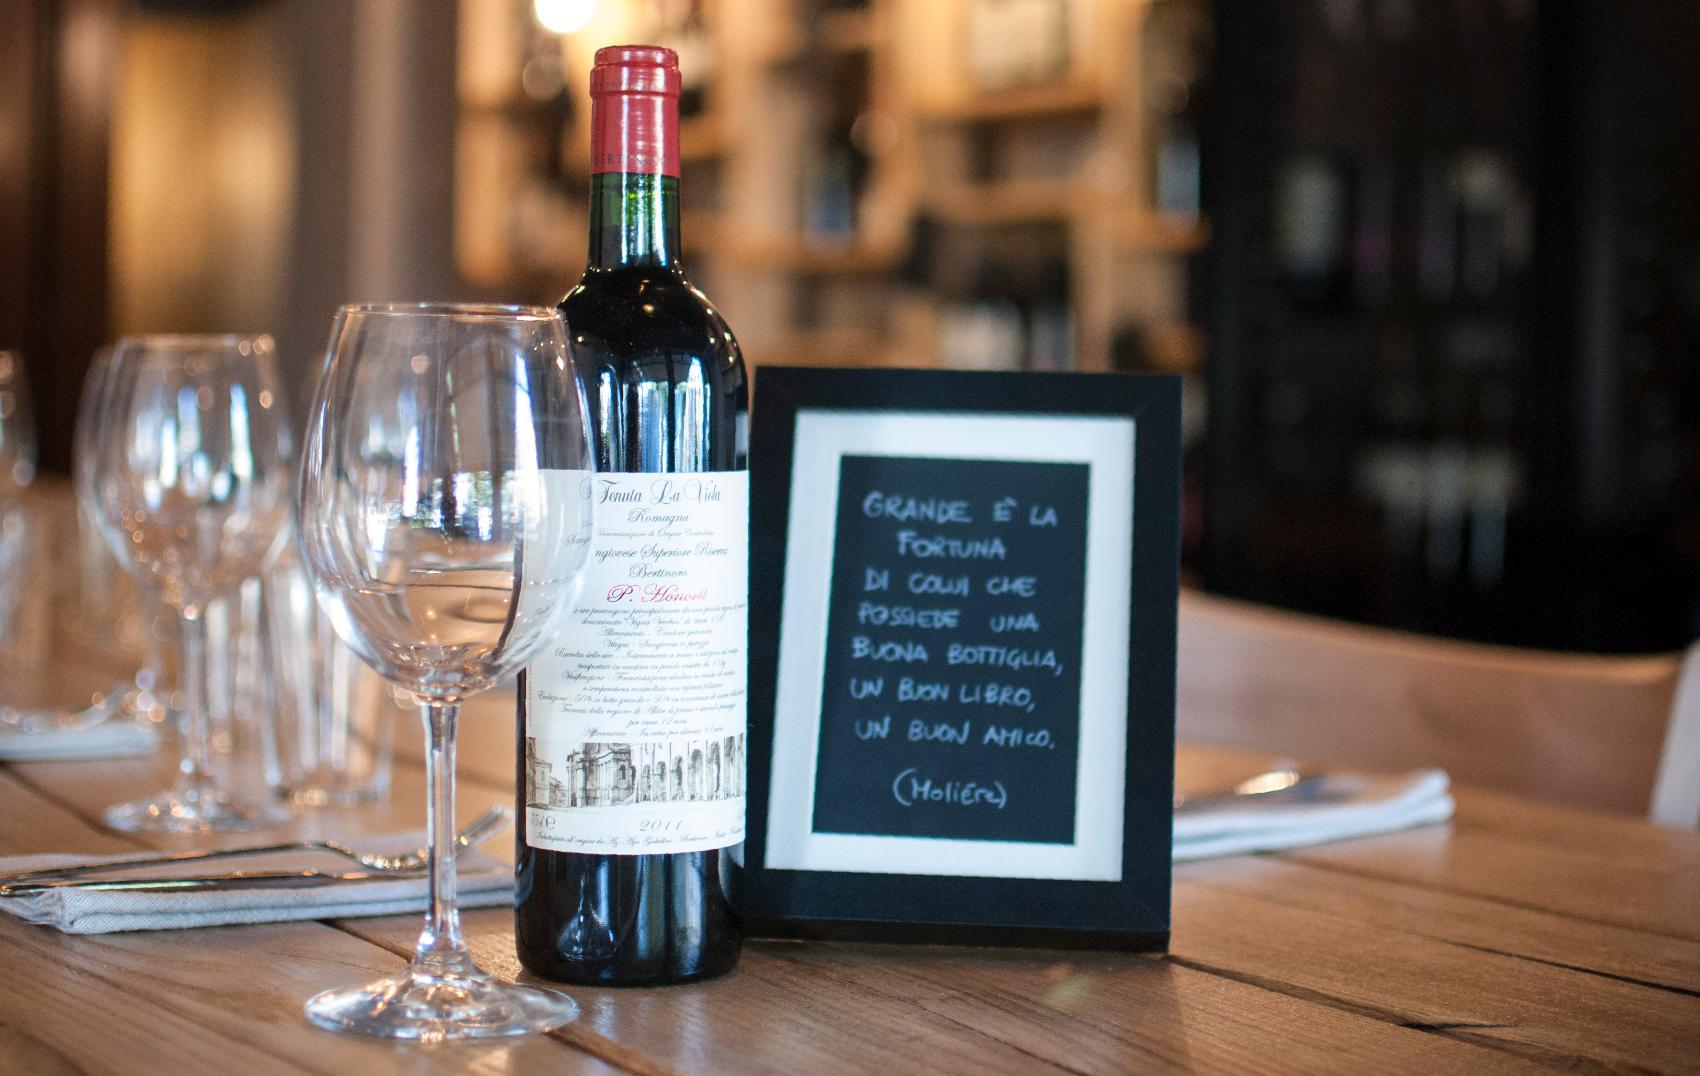 13 Home La Svineria gallery vino